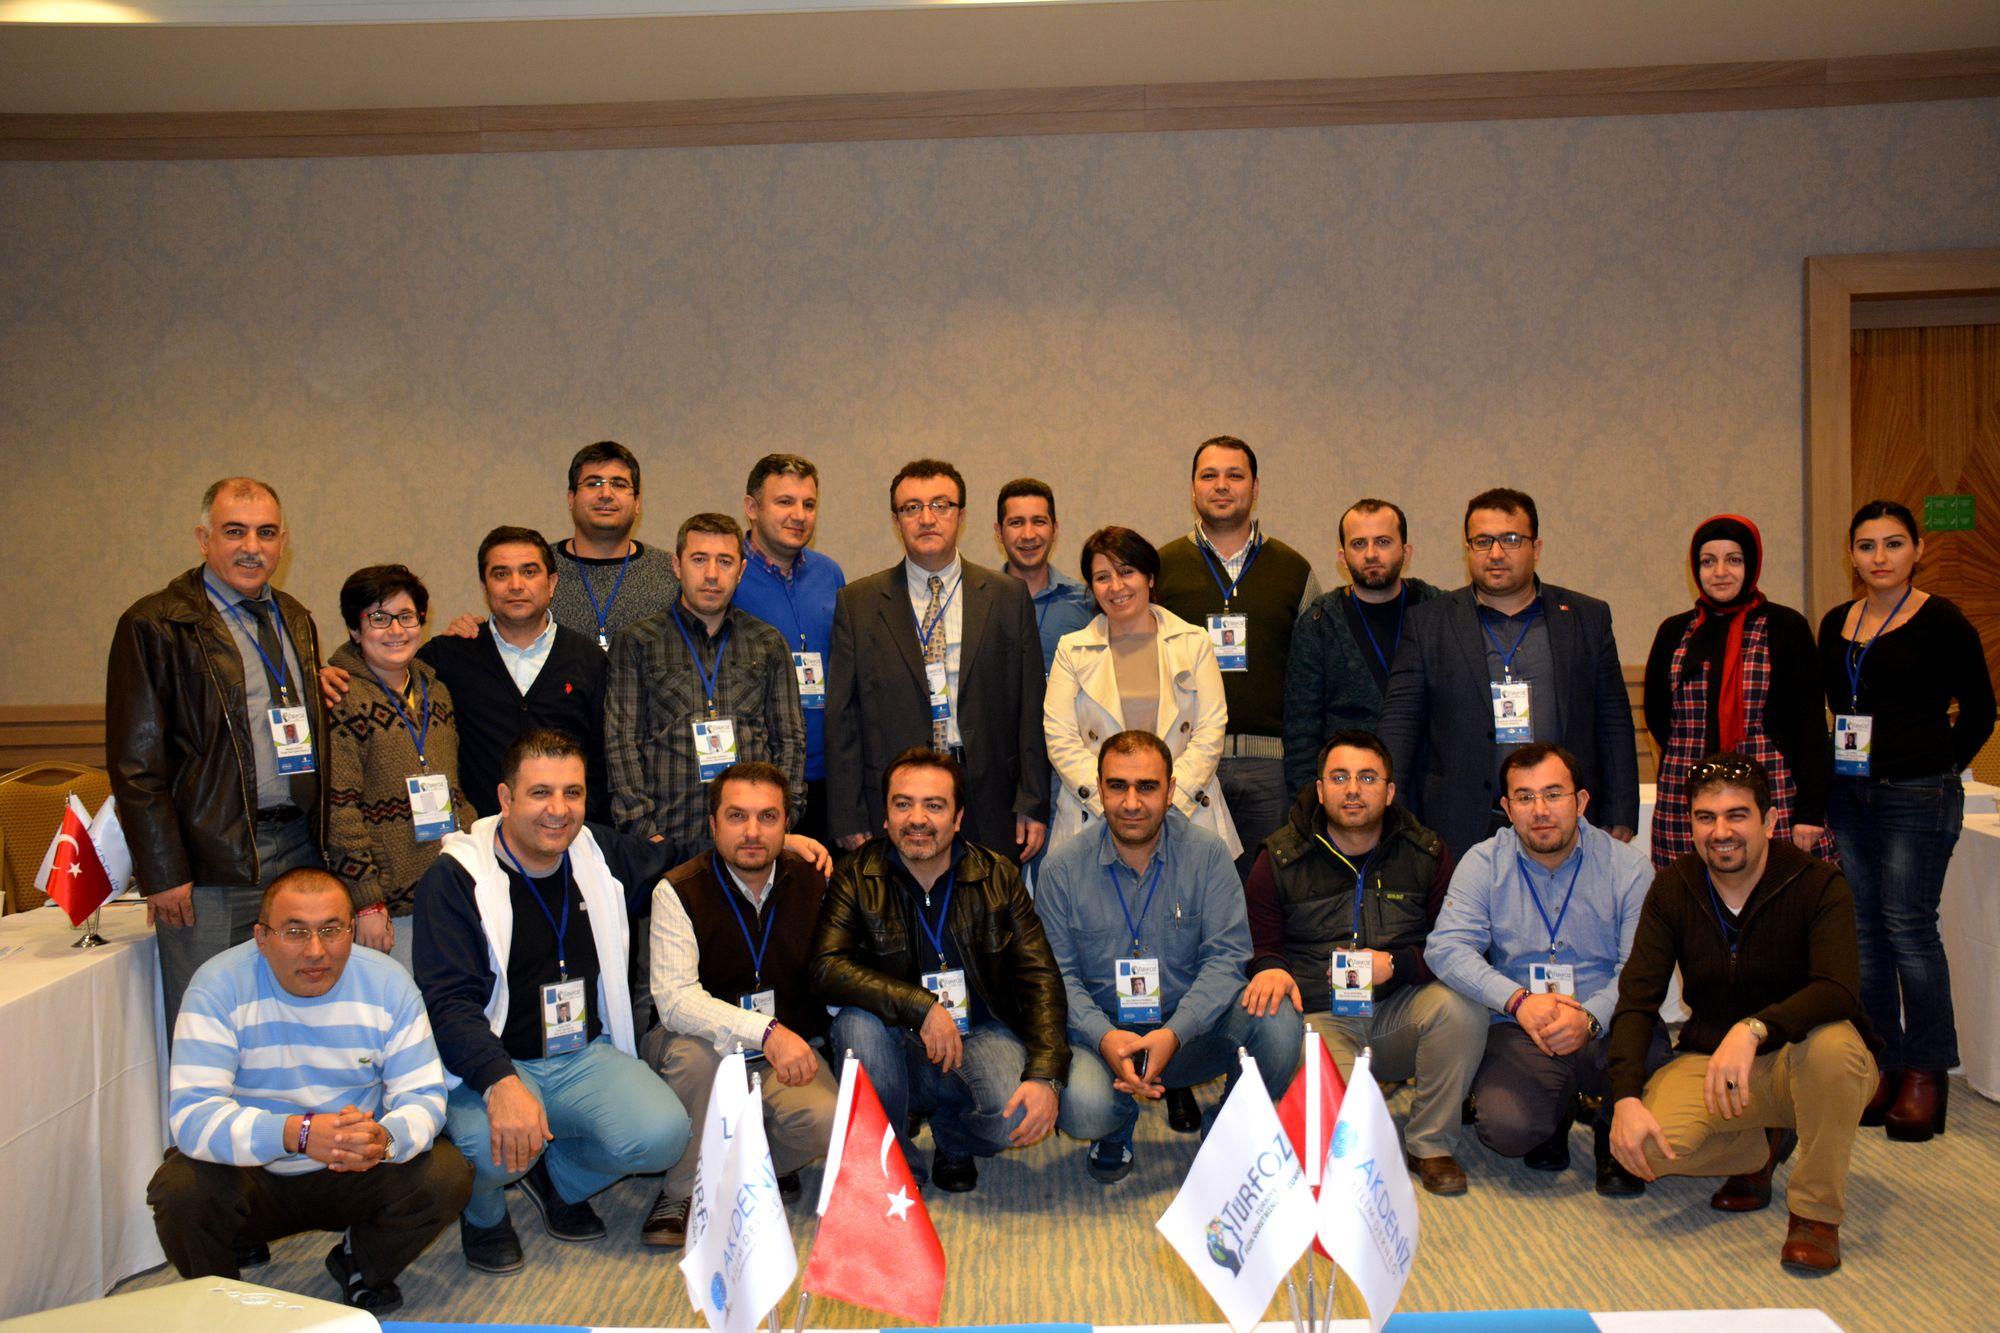 Antalya Porto Bello Hotel'de 'fizik' konuşuldu FİZİK ÖĞRETMENLERİ ANTALYA'DA BULUŞTU